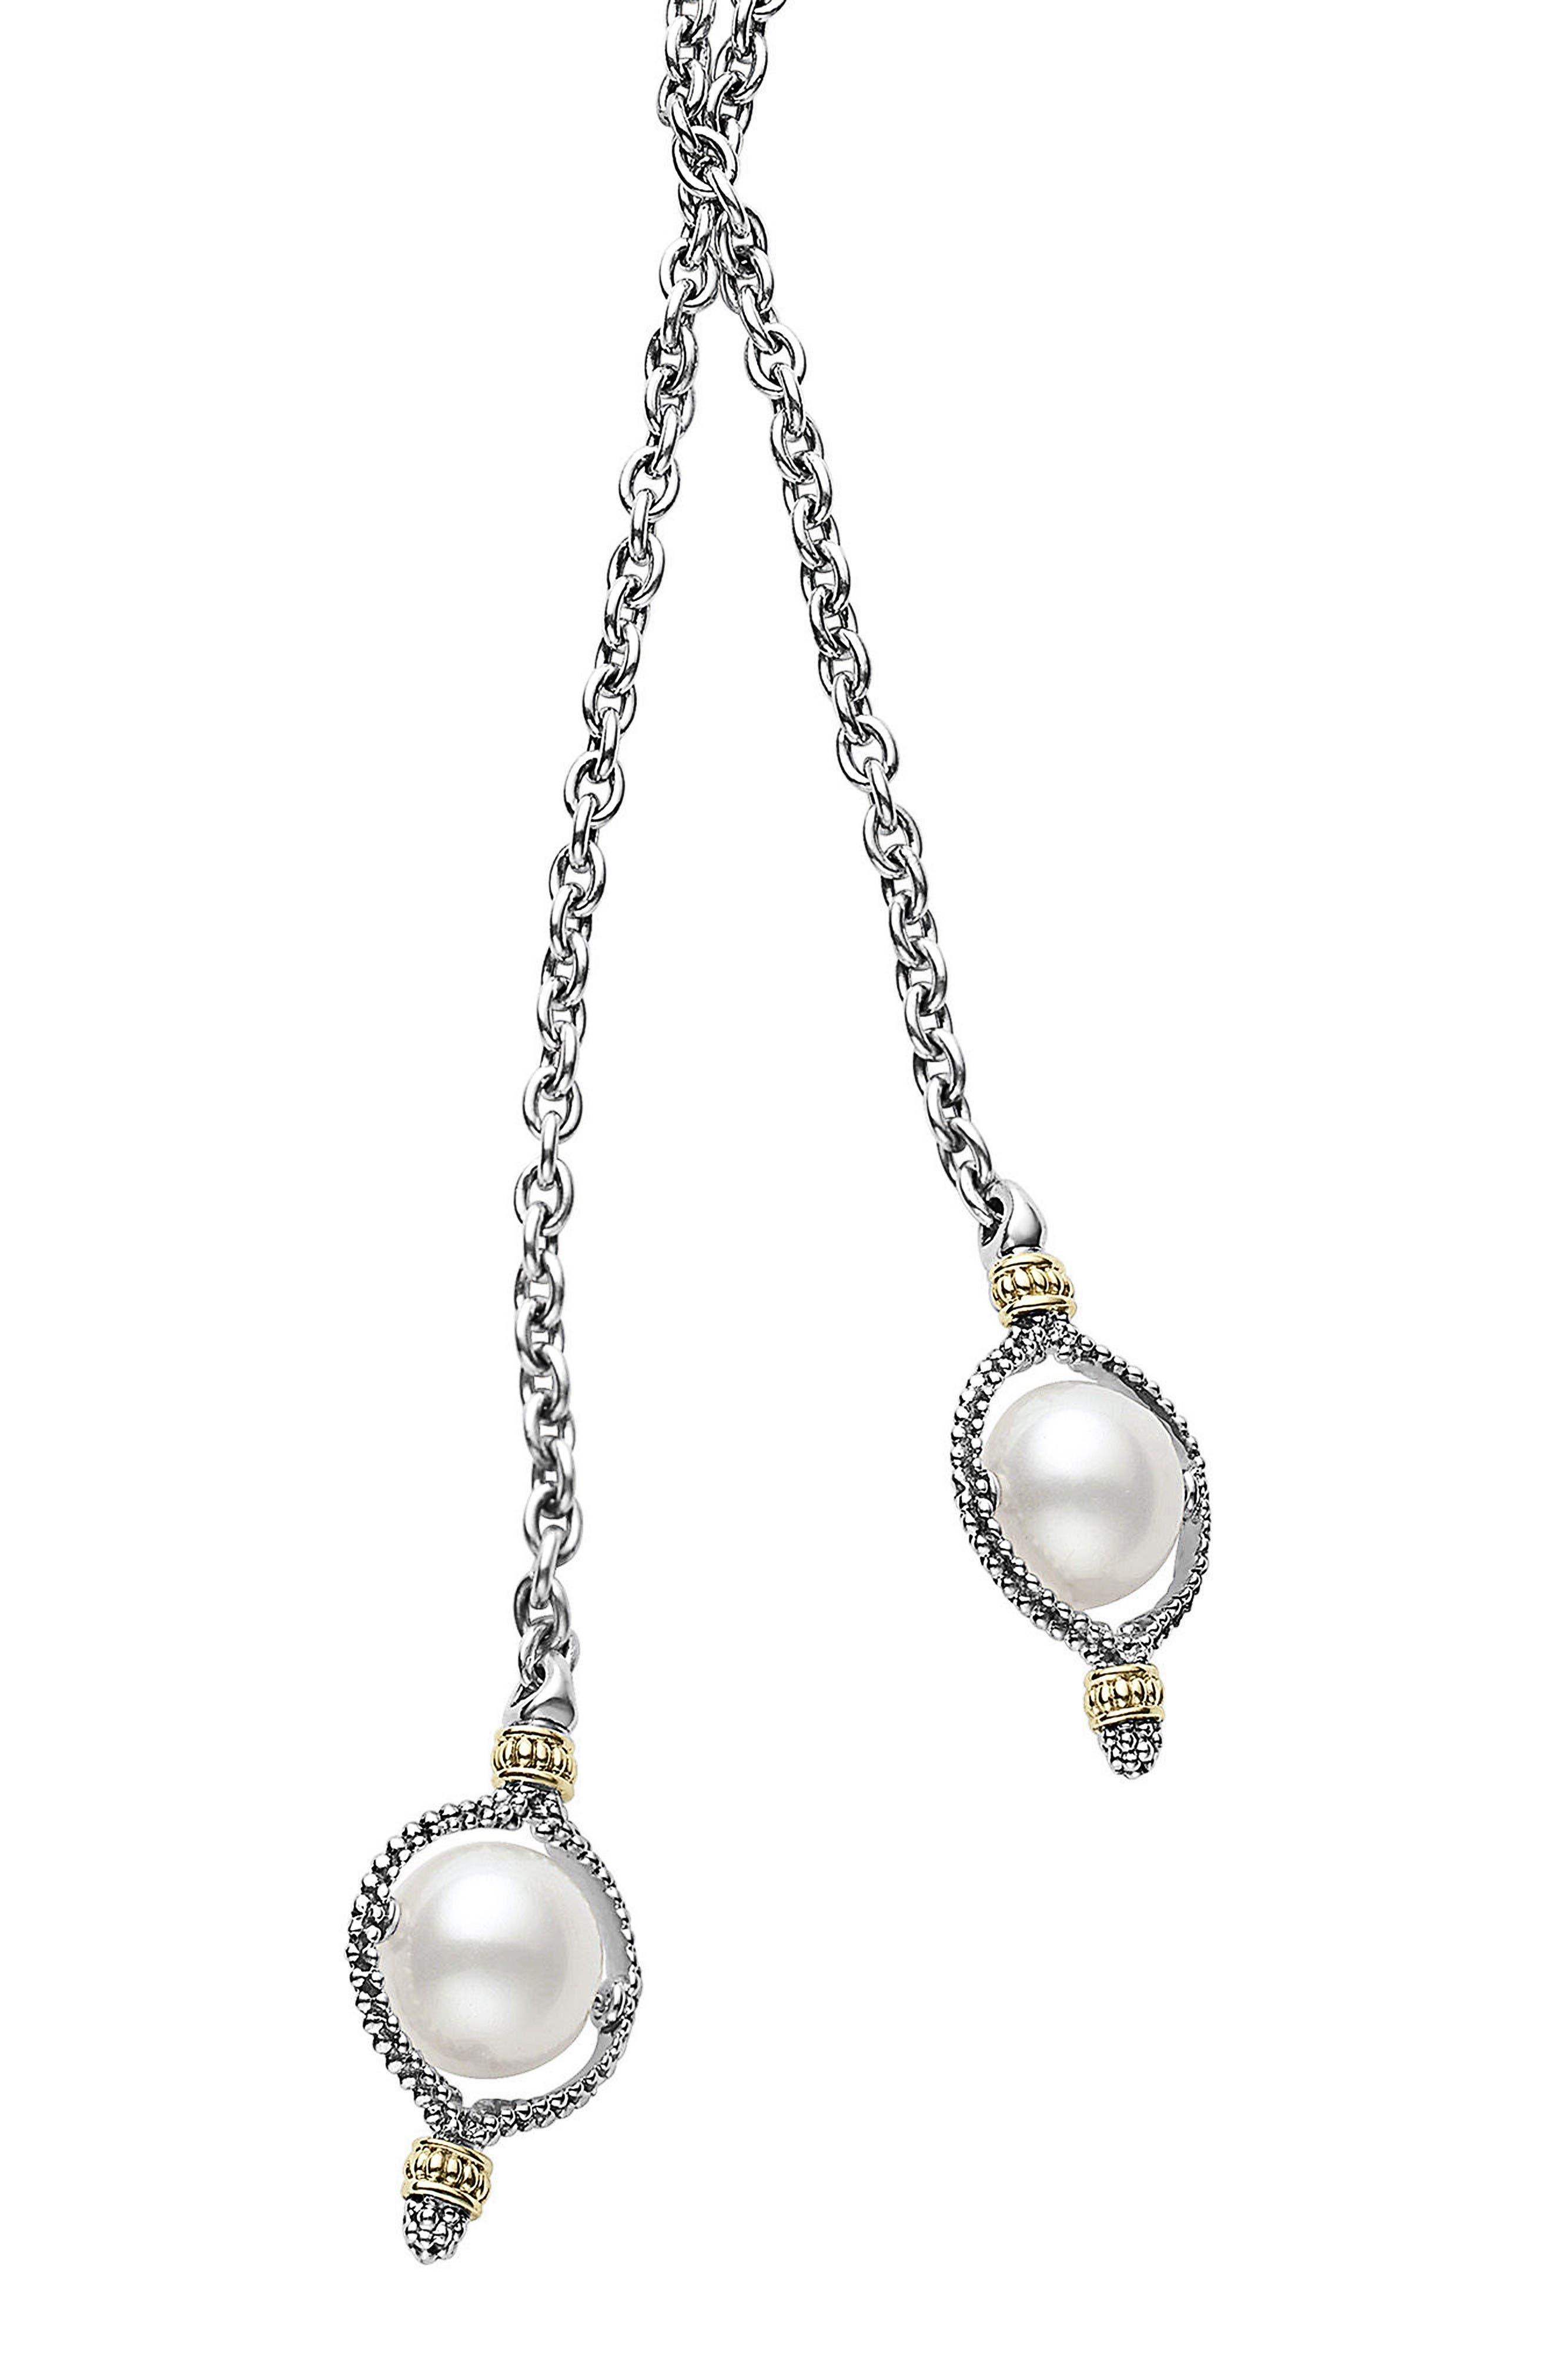 Main Image - LAGOS Luna Pearl Lariat Necklace